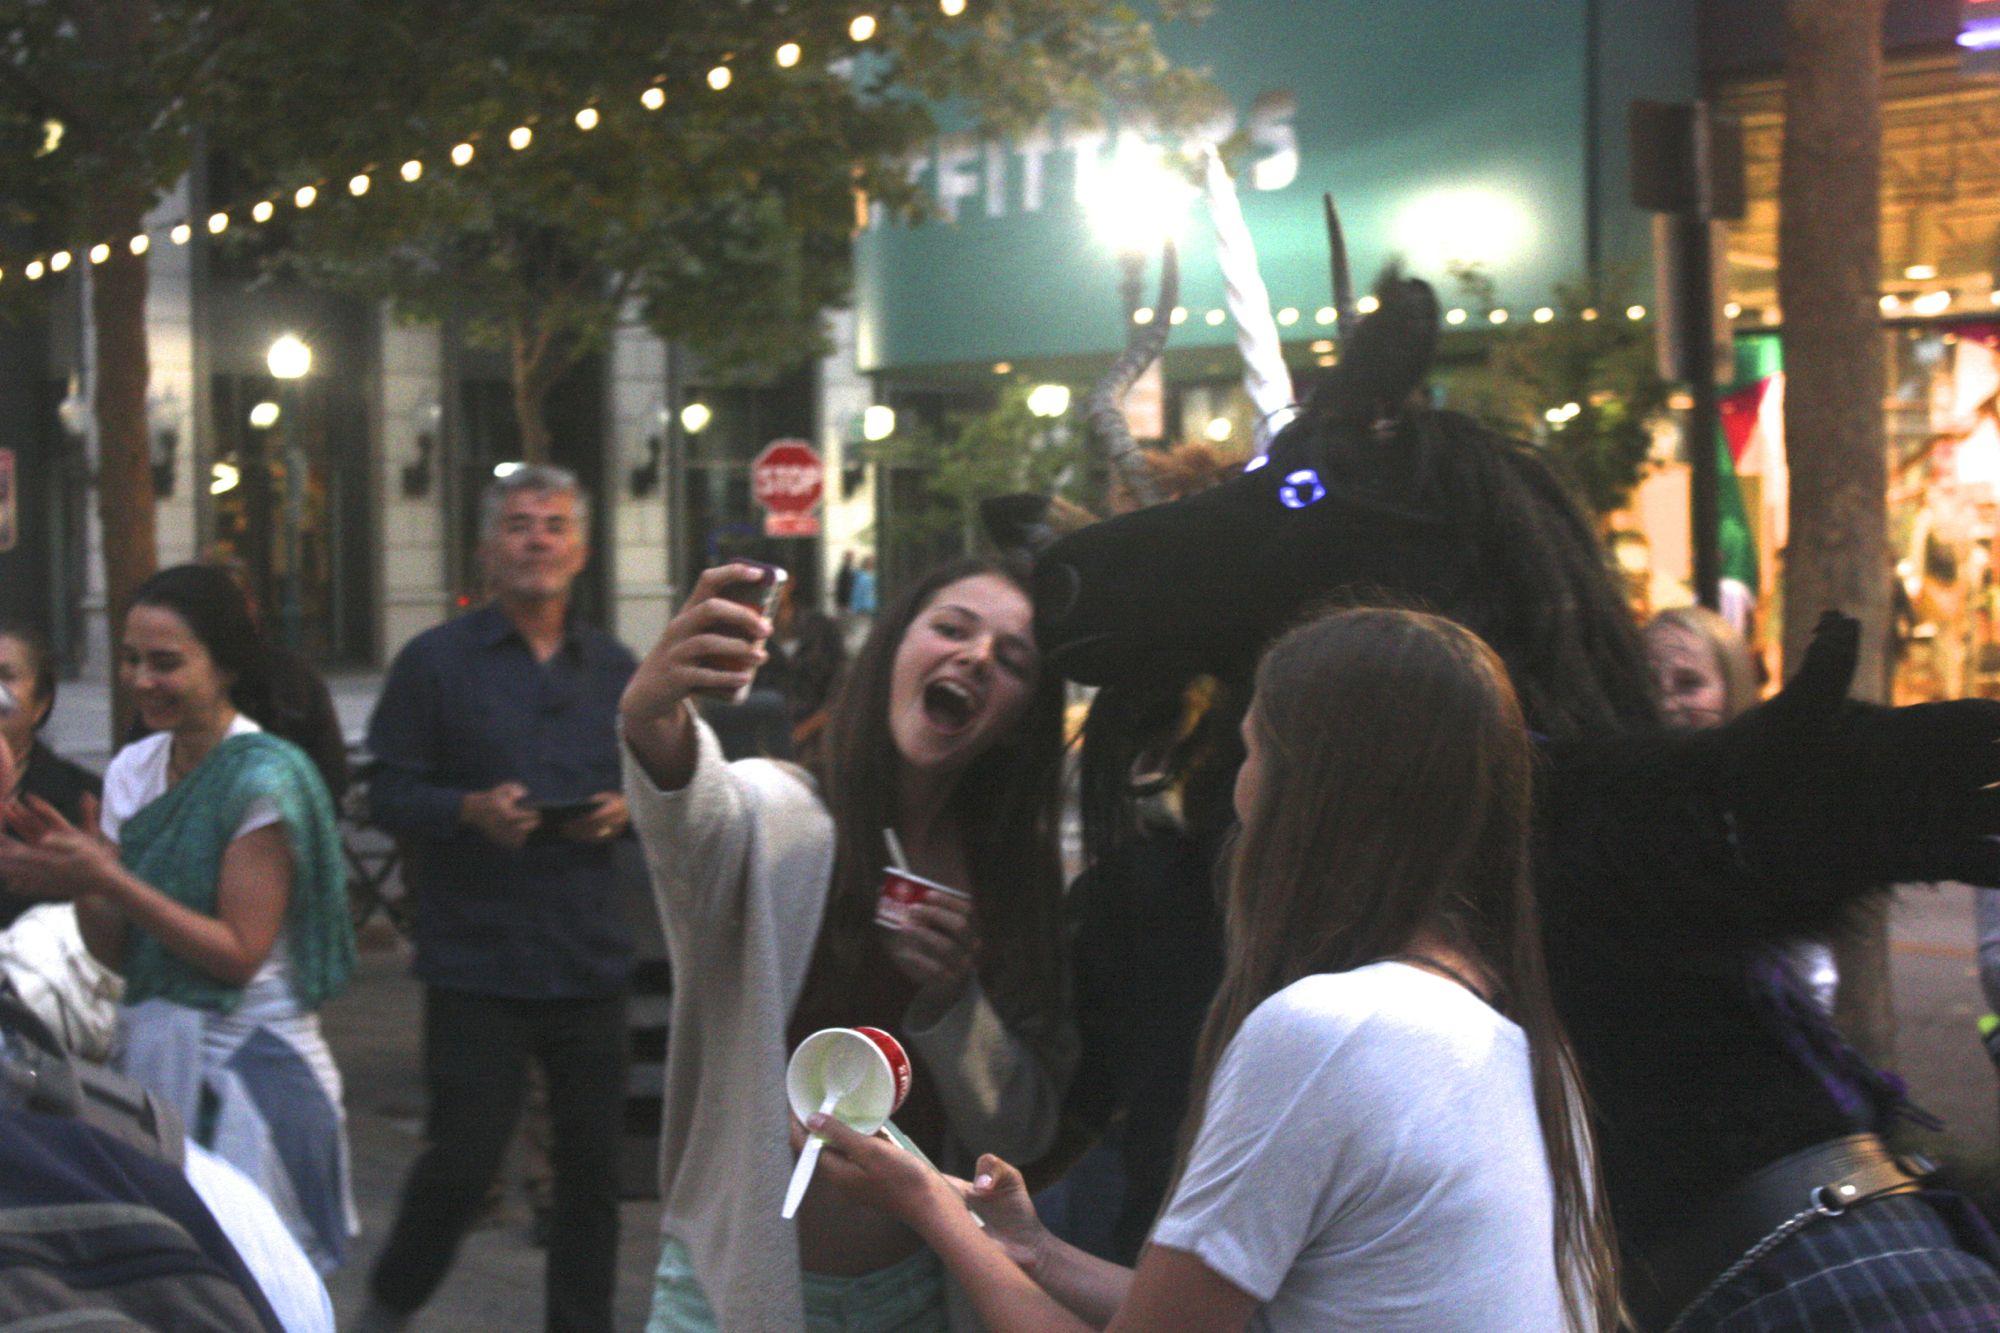 Unicorn selfies